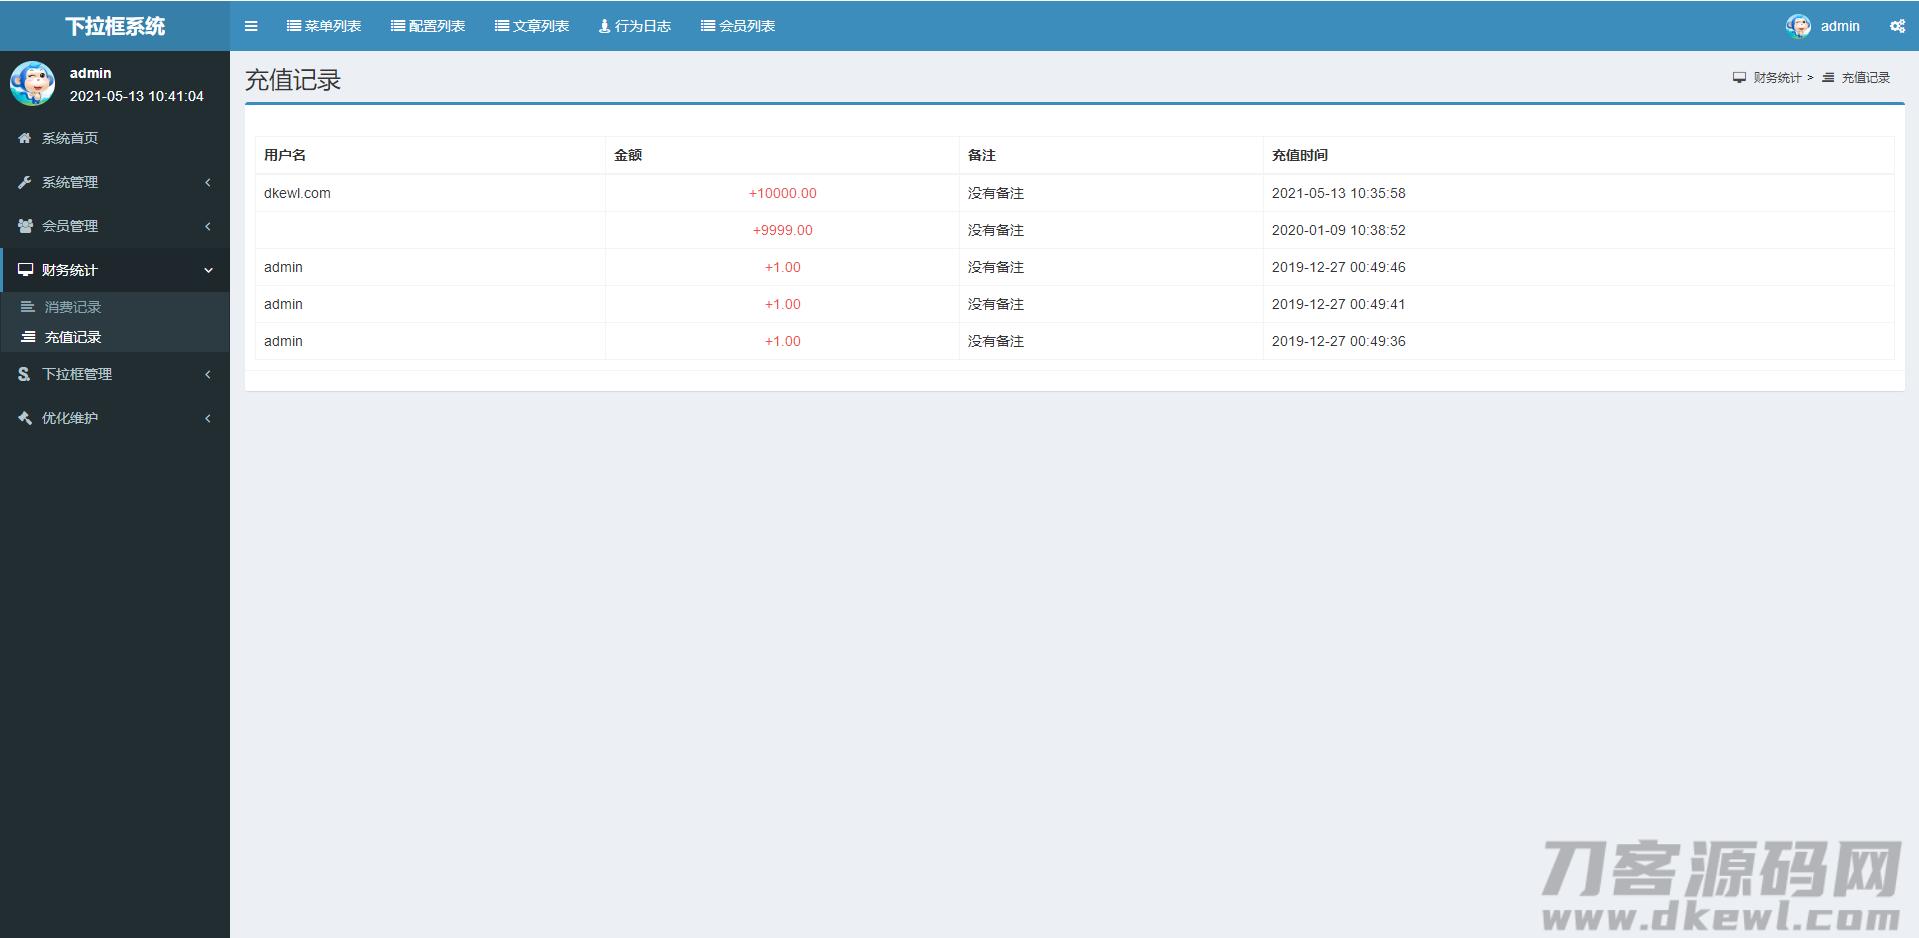 关键字SEO搜索推荐/下拉列表/优化软件/按天扣费系统软件全开源系统插图2